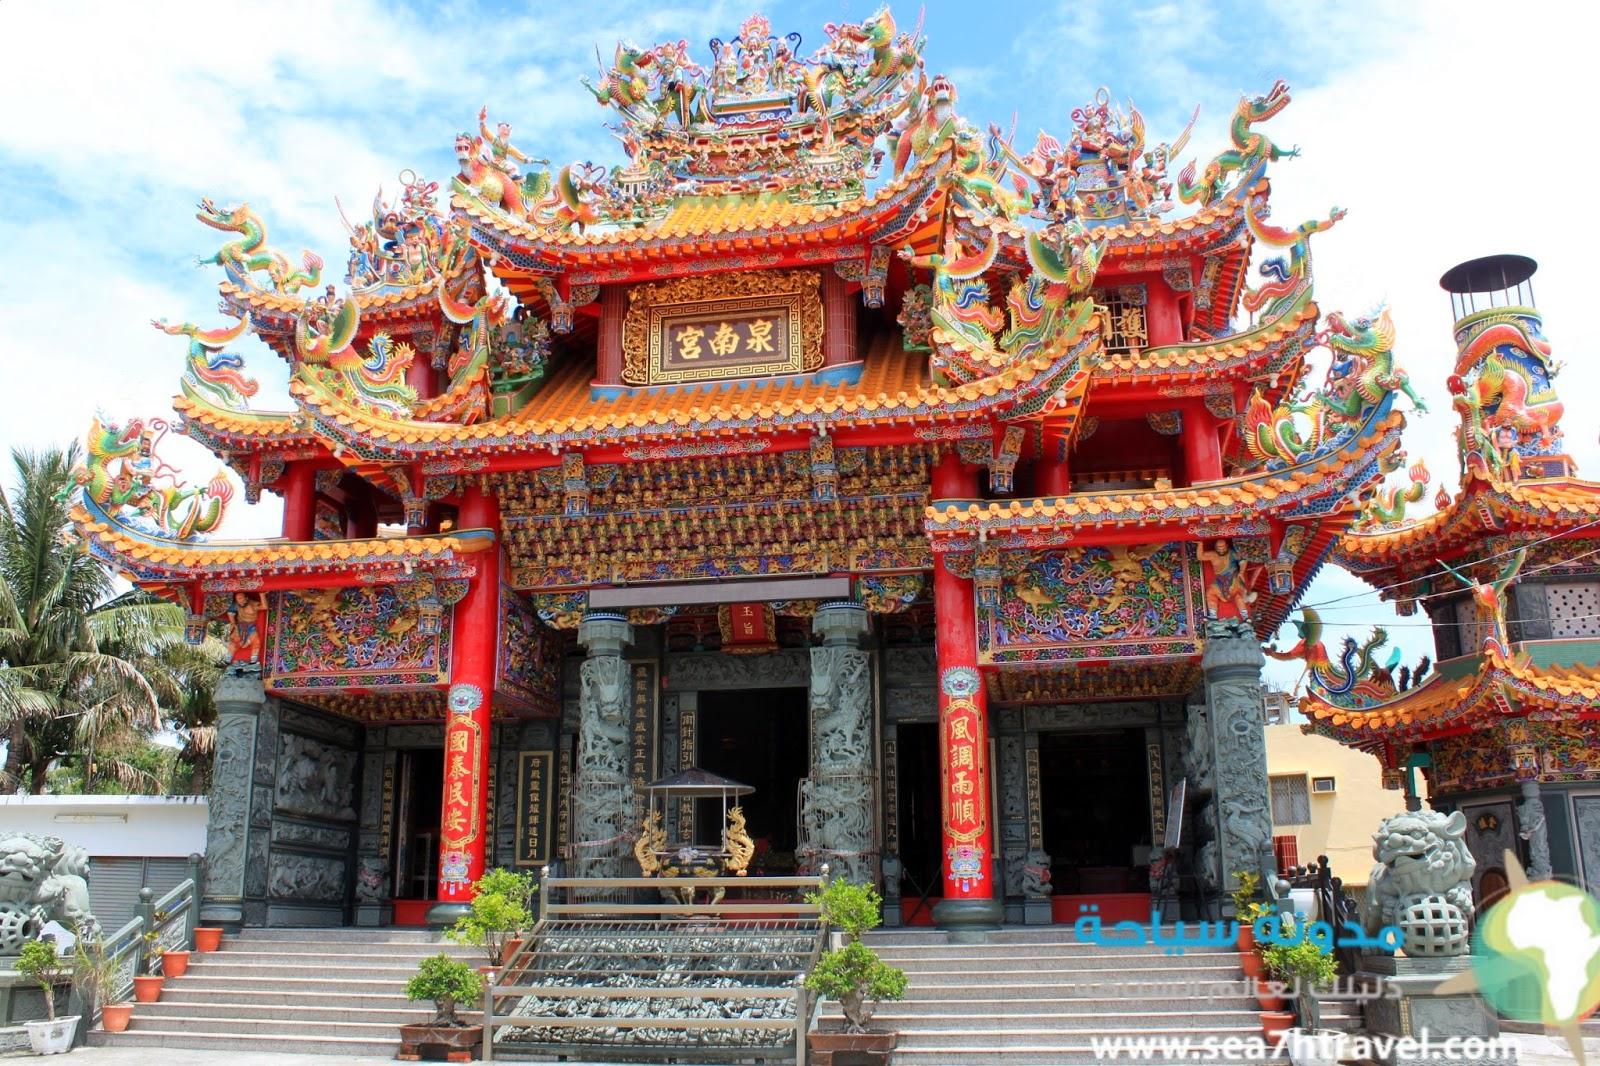 معبد كيوان qiwan temple